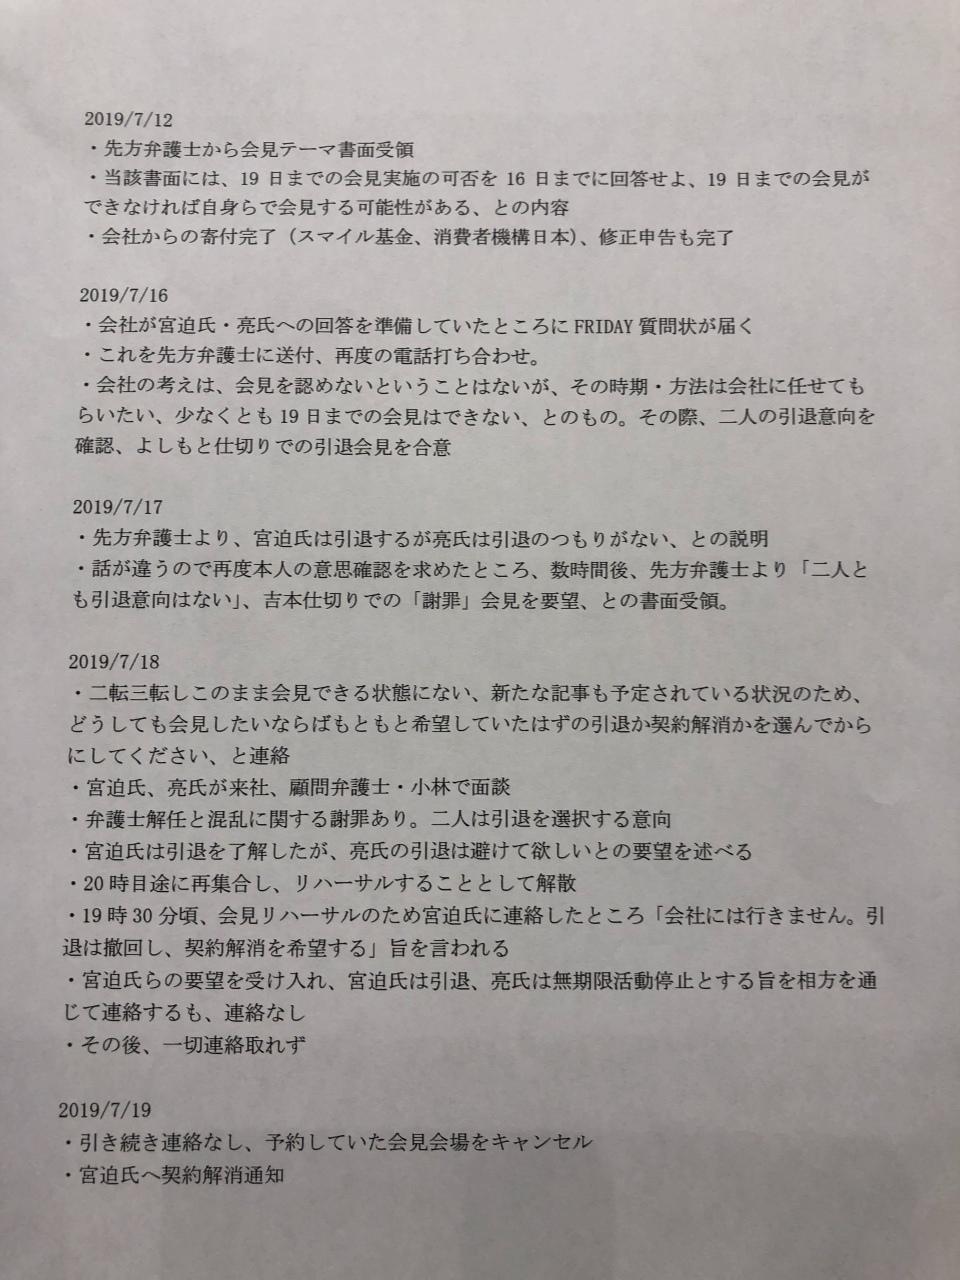 会見資料3